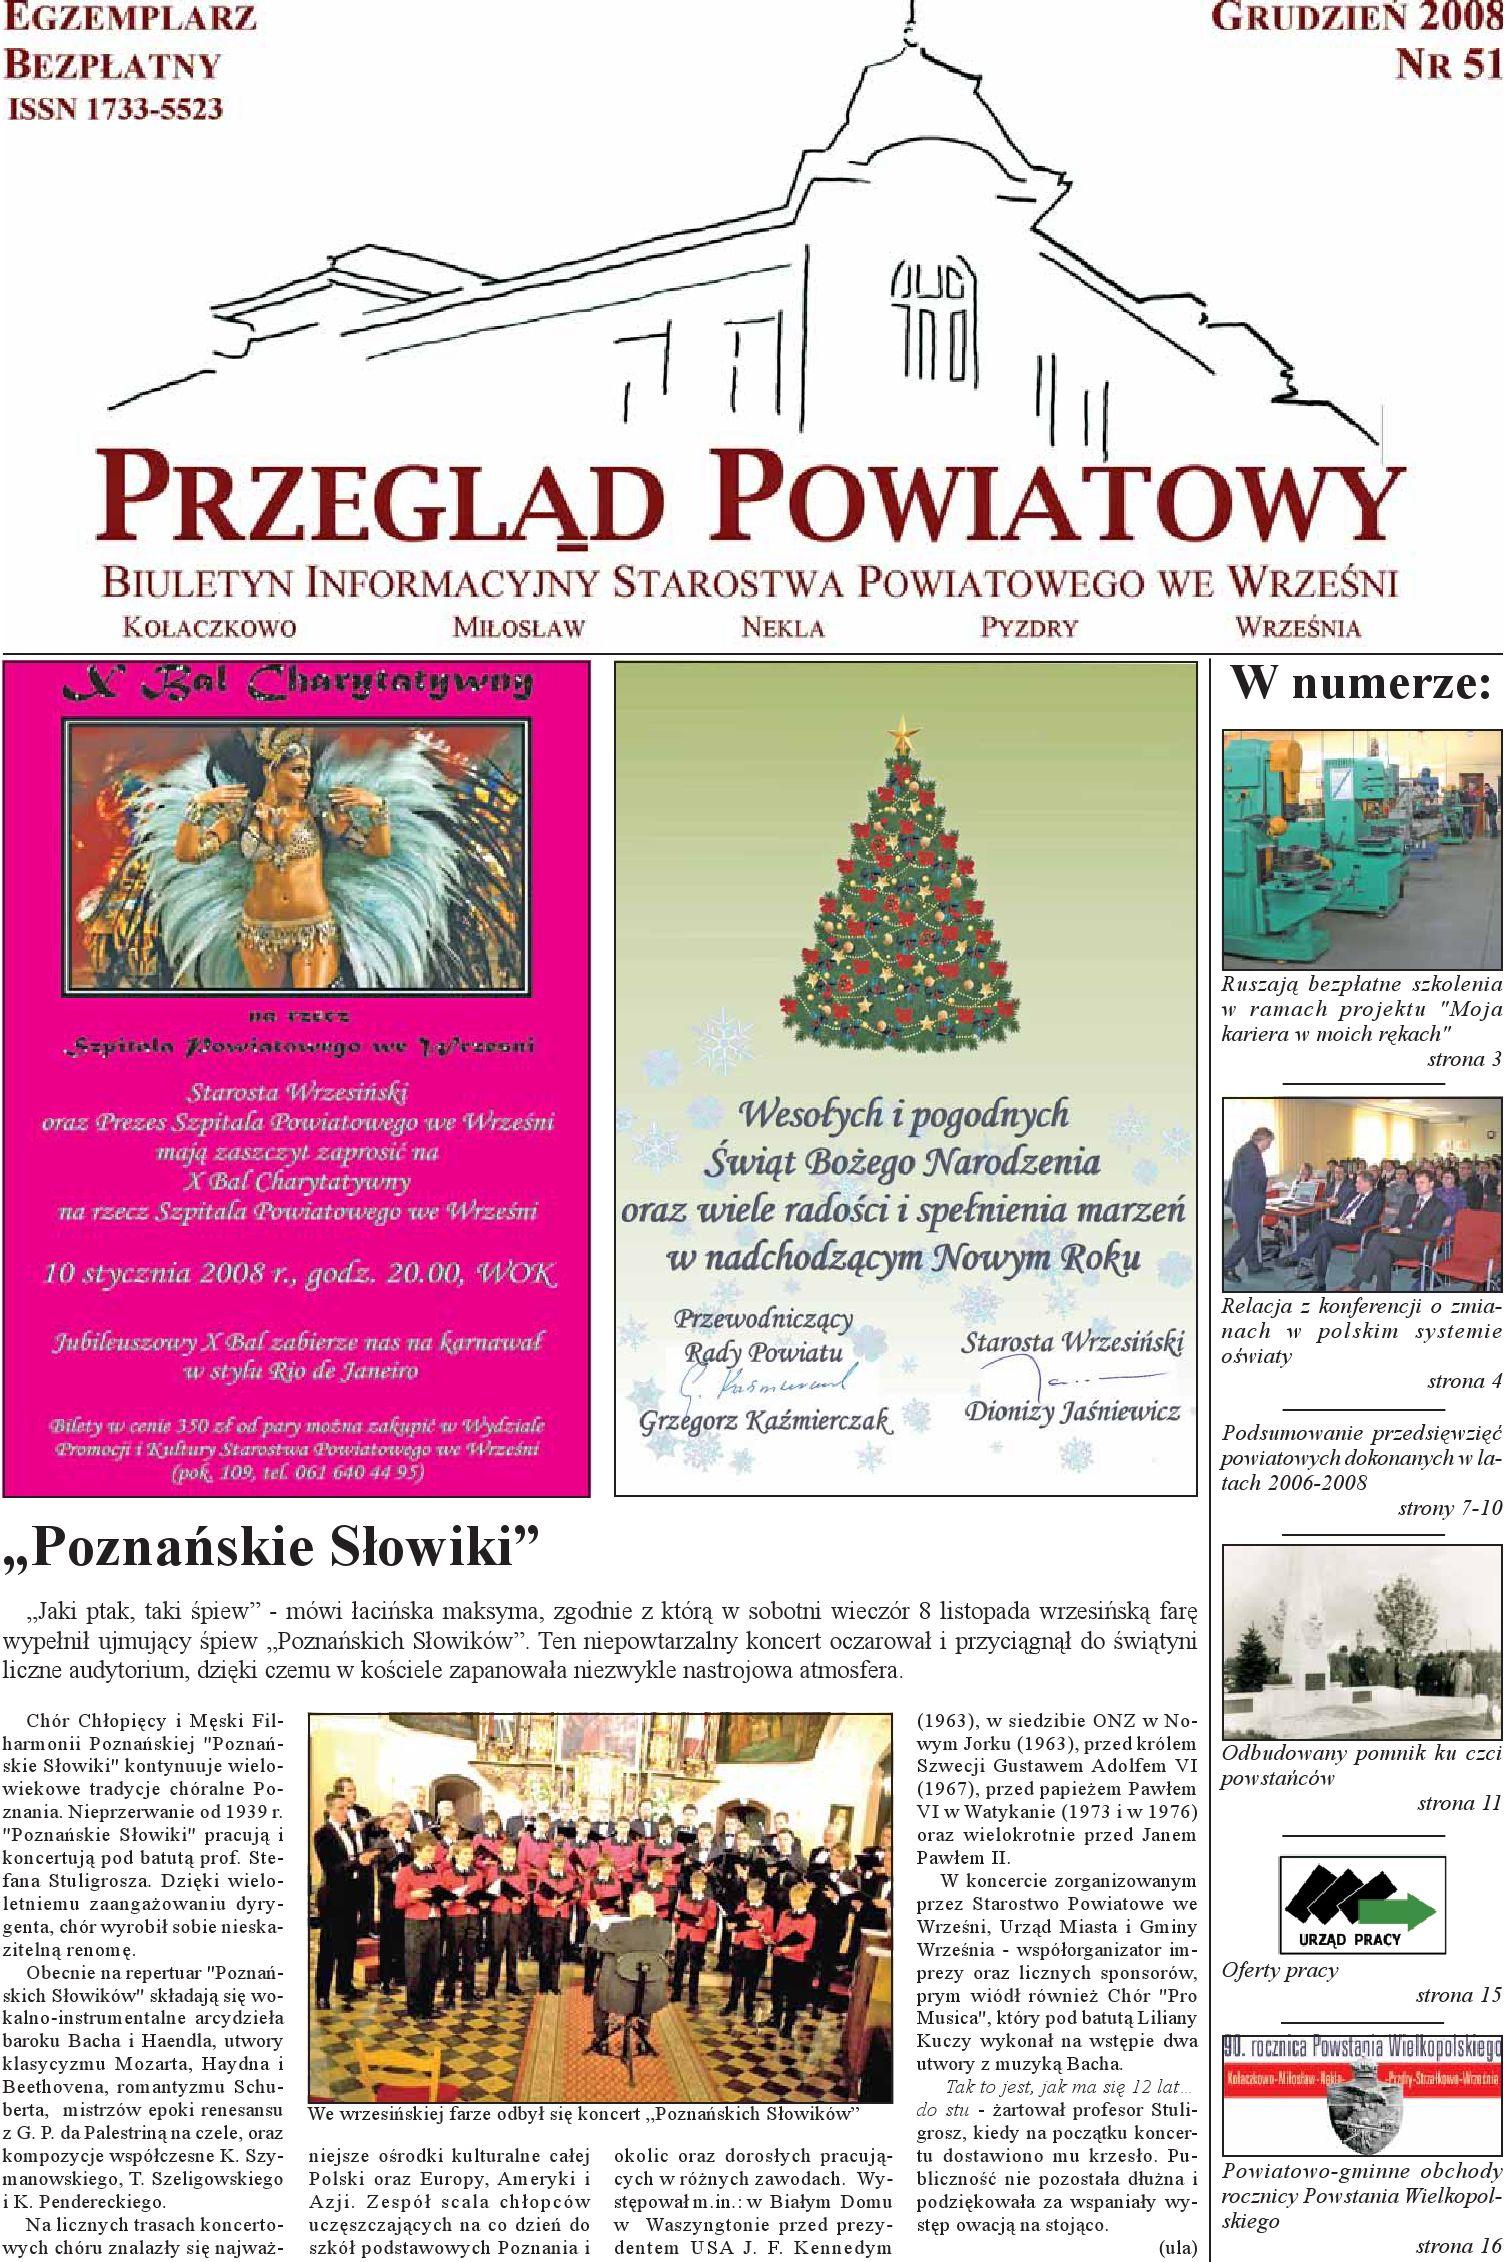 Przegląd Powiatowy Nr 51 Grudzień 2008 By Starostwo